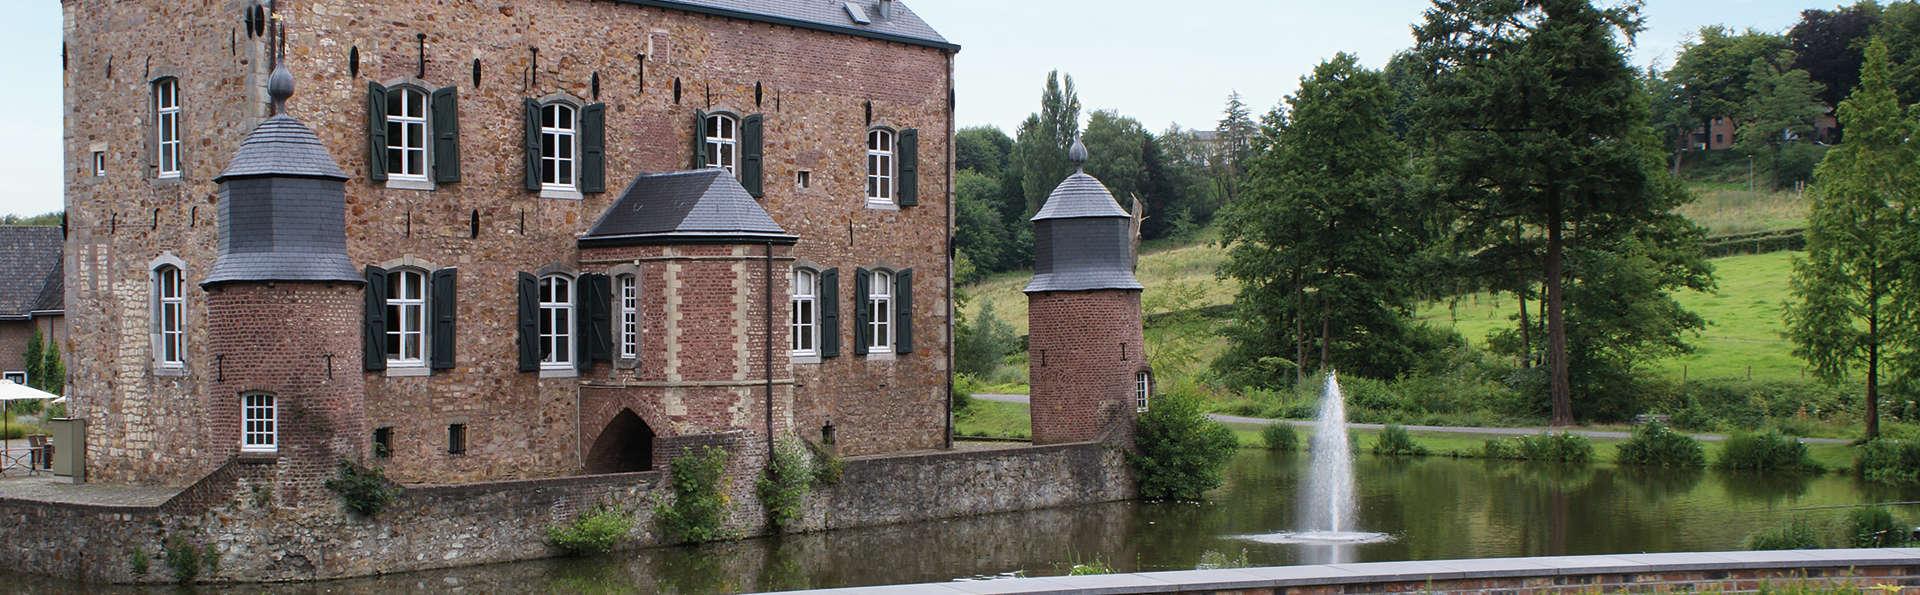 Séjour de luxe dans un château du 14ème siècle à Kerkrade